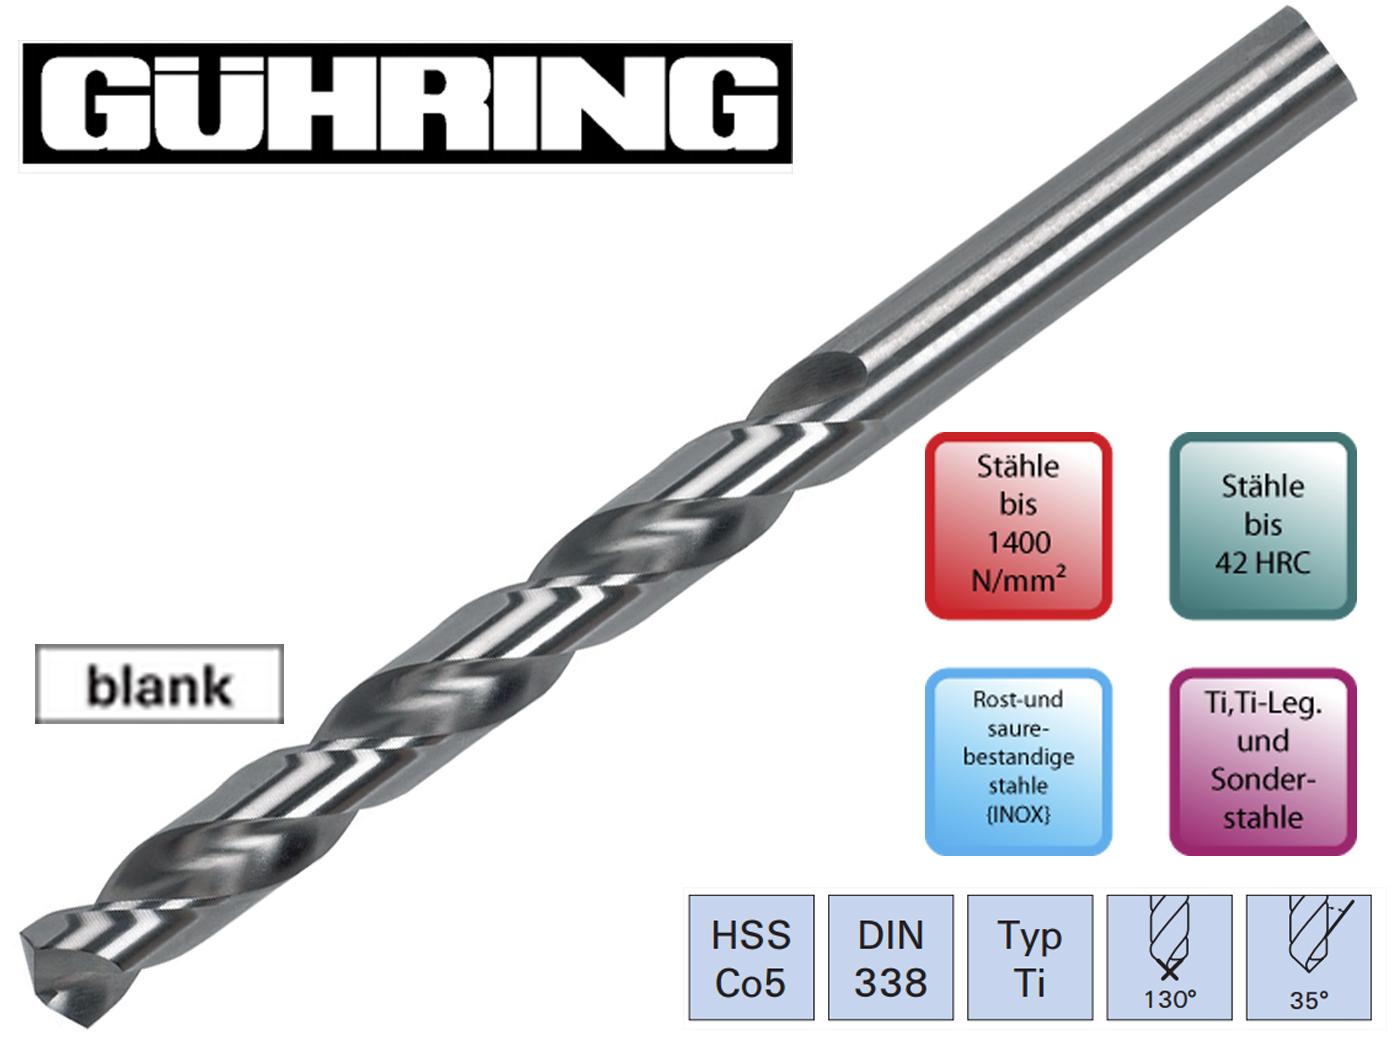 Spiraalboor DIN 338 TI HSSECo5 Guhring | DKMTools - DKM Tools